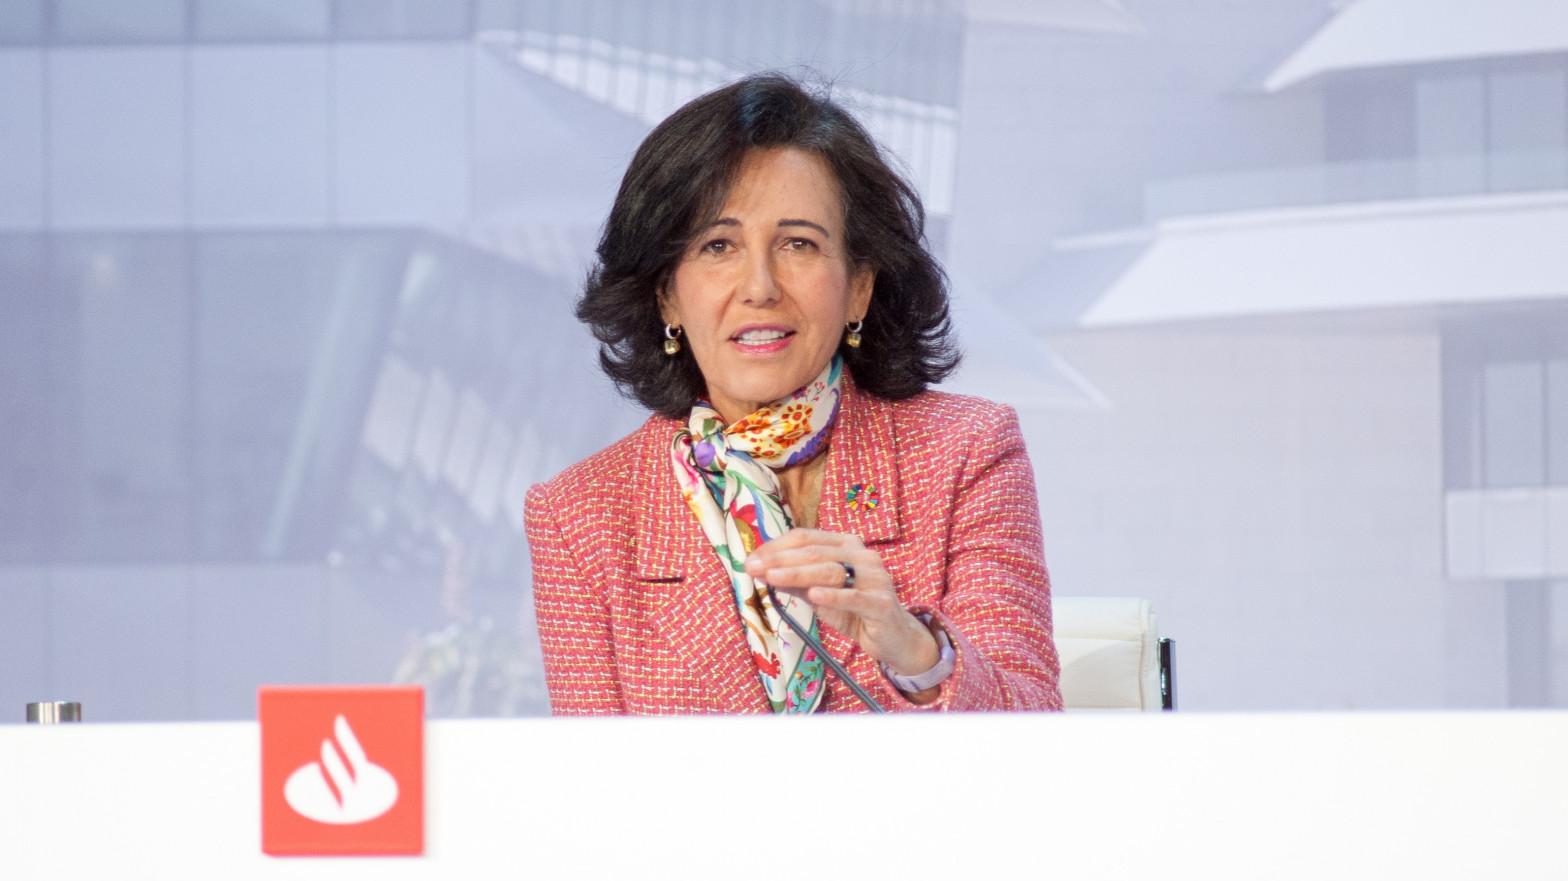 Un pleito con Axa presiona al Santander en Reino Unido tras reducir provisiones